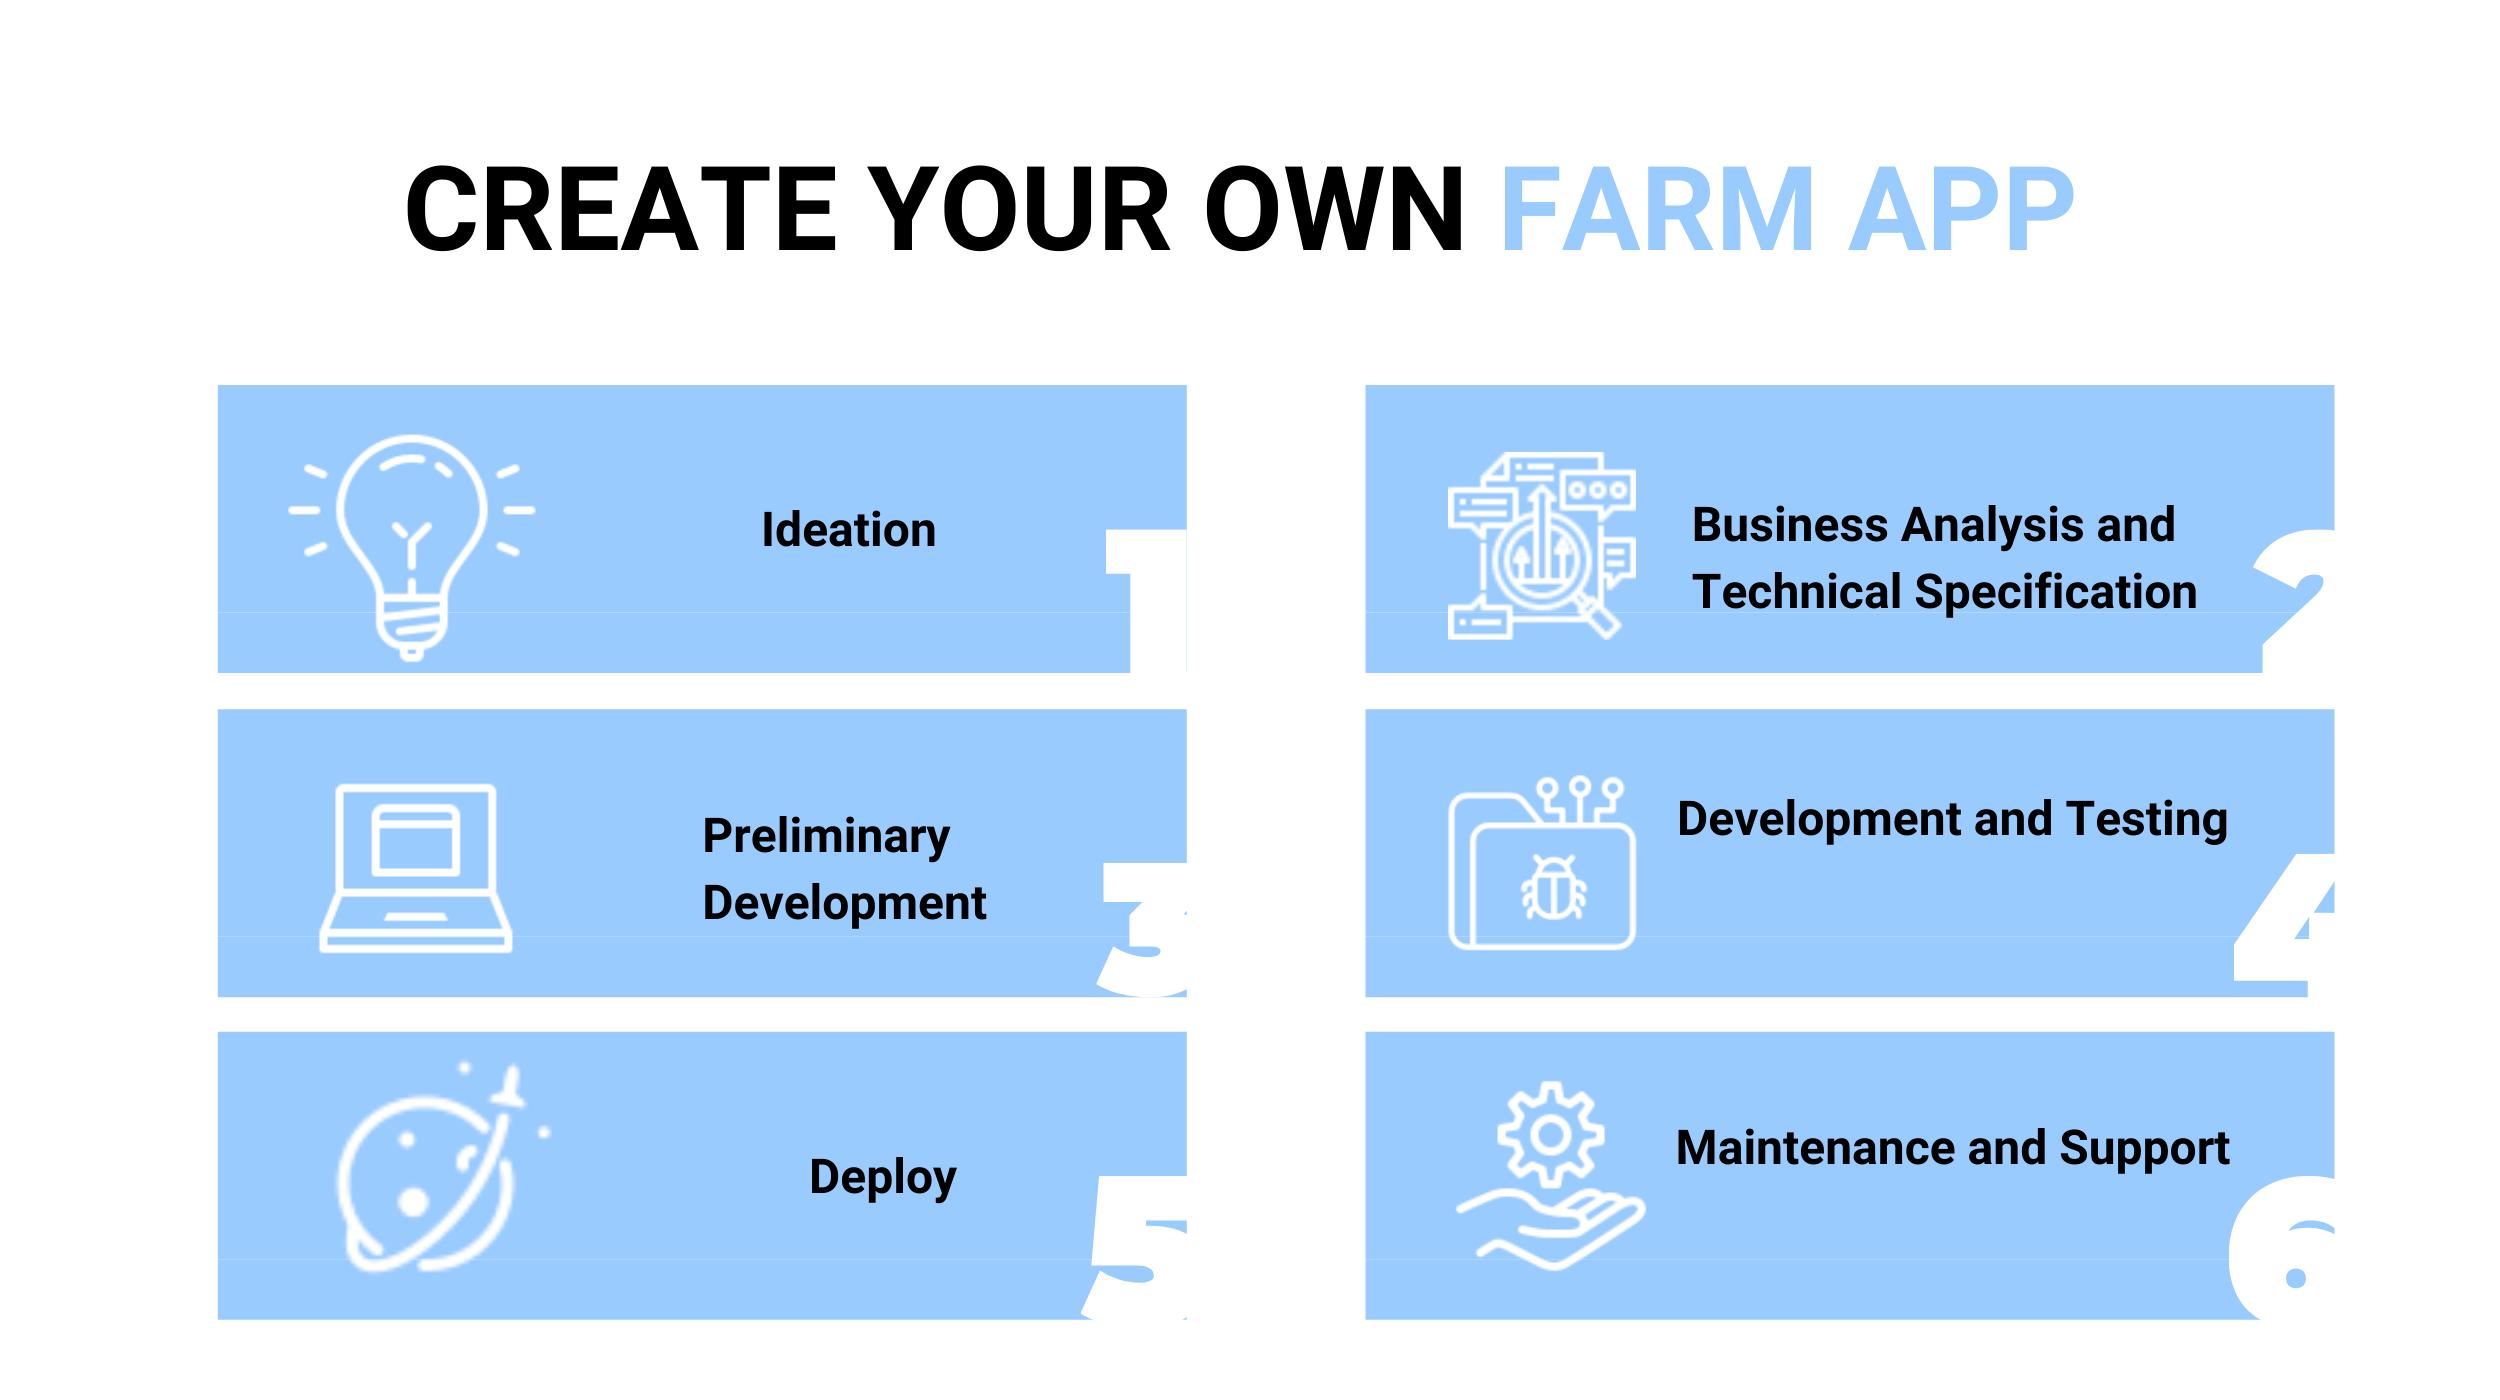 create your own farm app